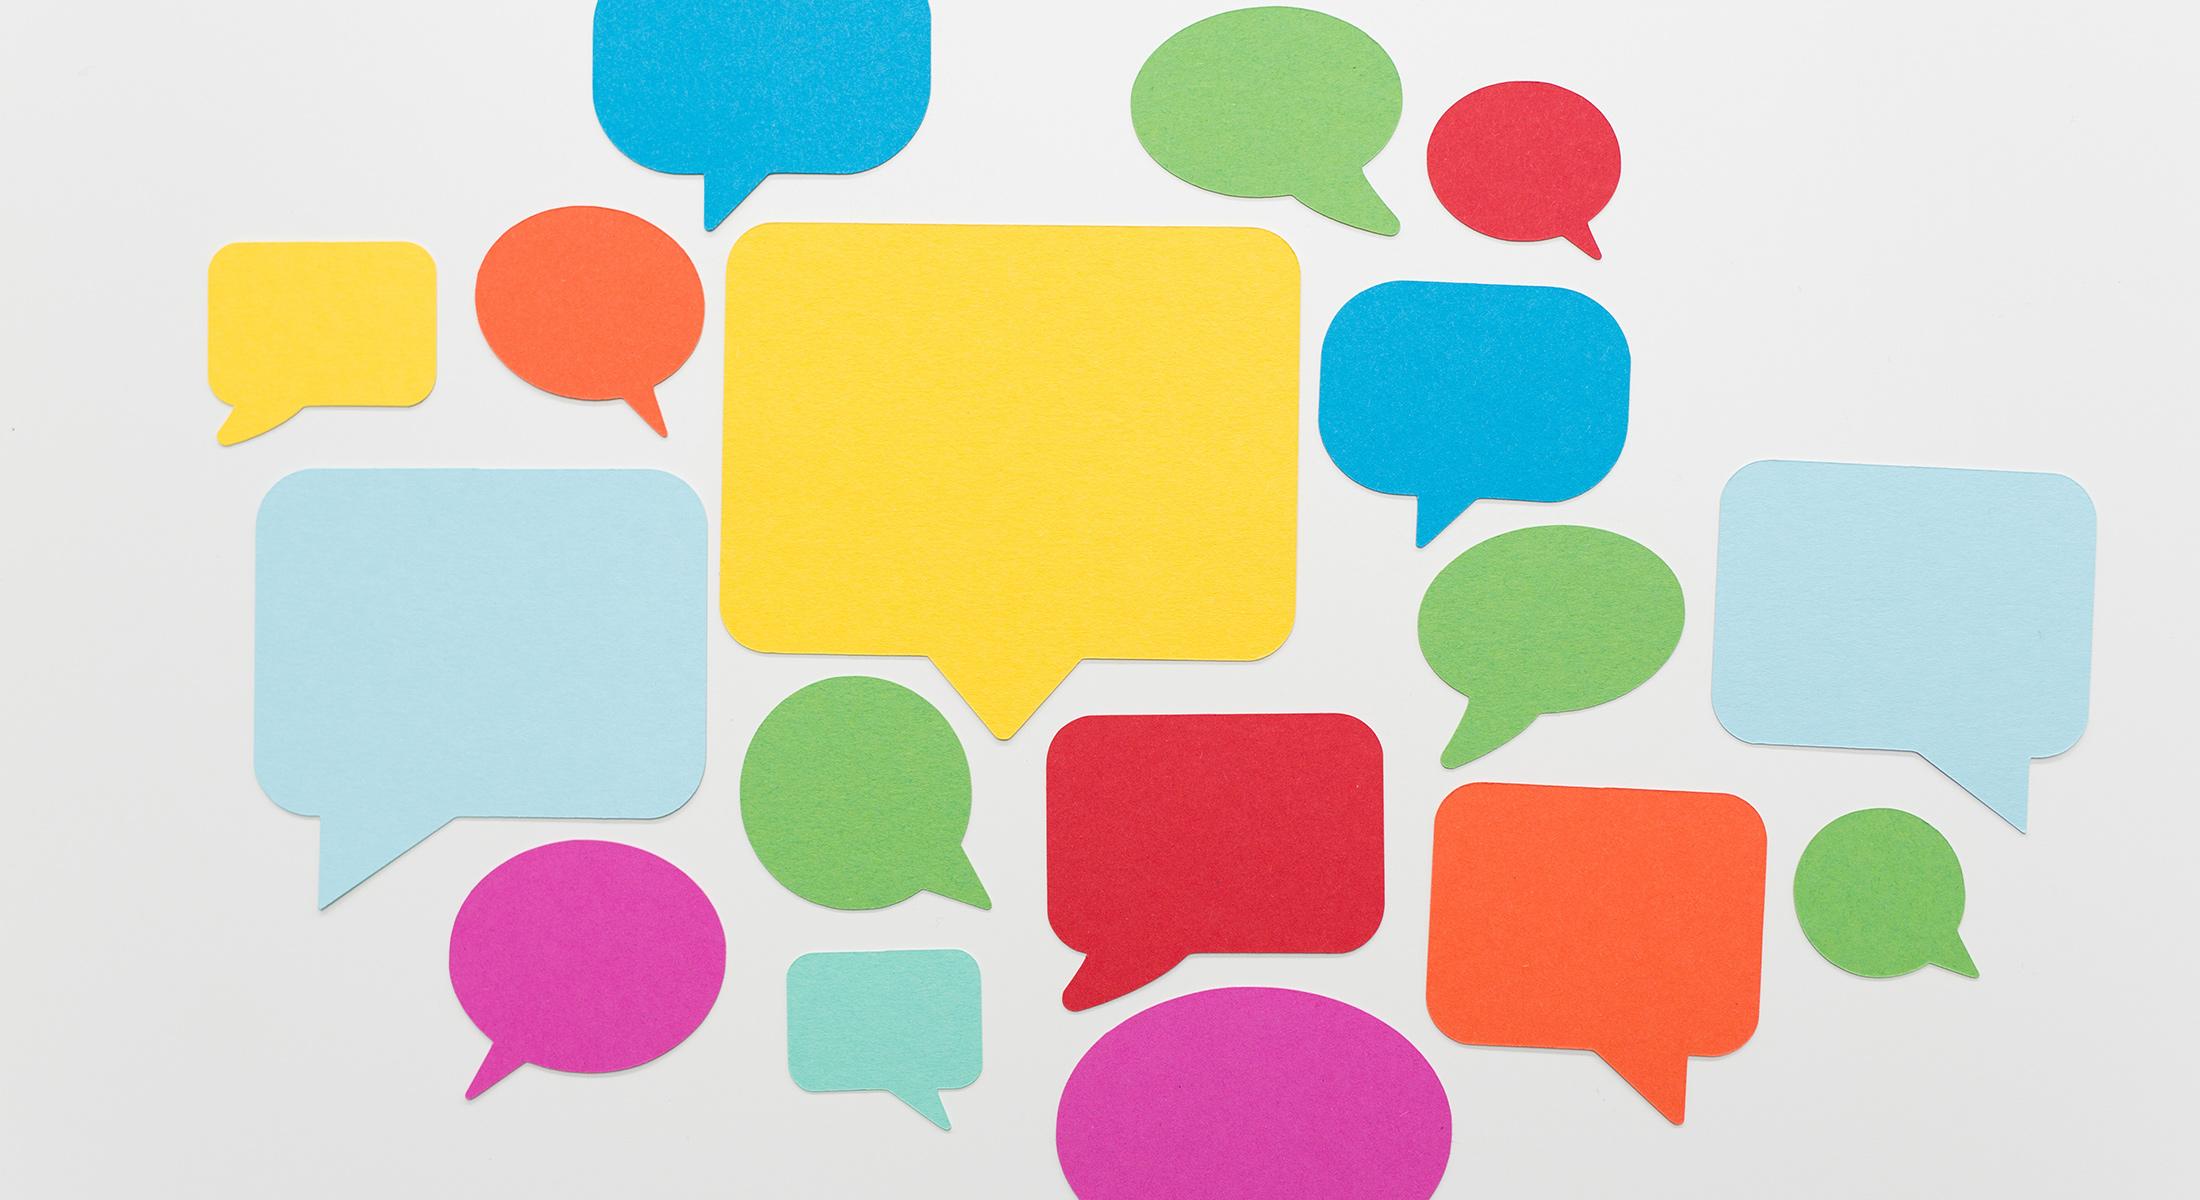 MCSH Veranstaltung: Dialog-Offensive in der Nach-Corona-Zeit